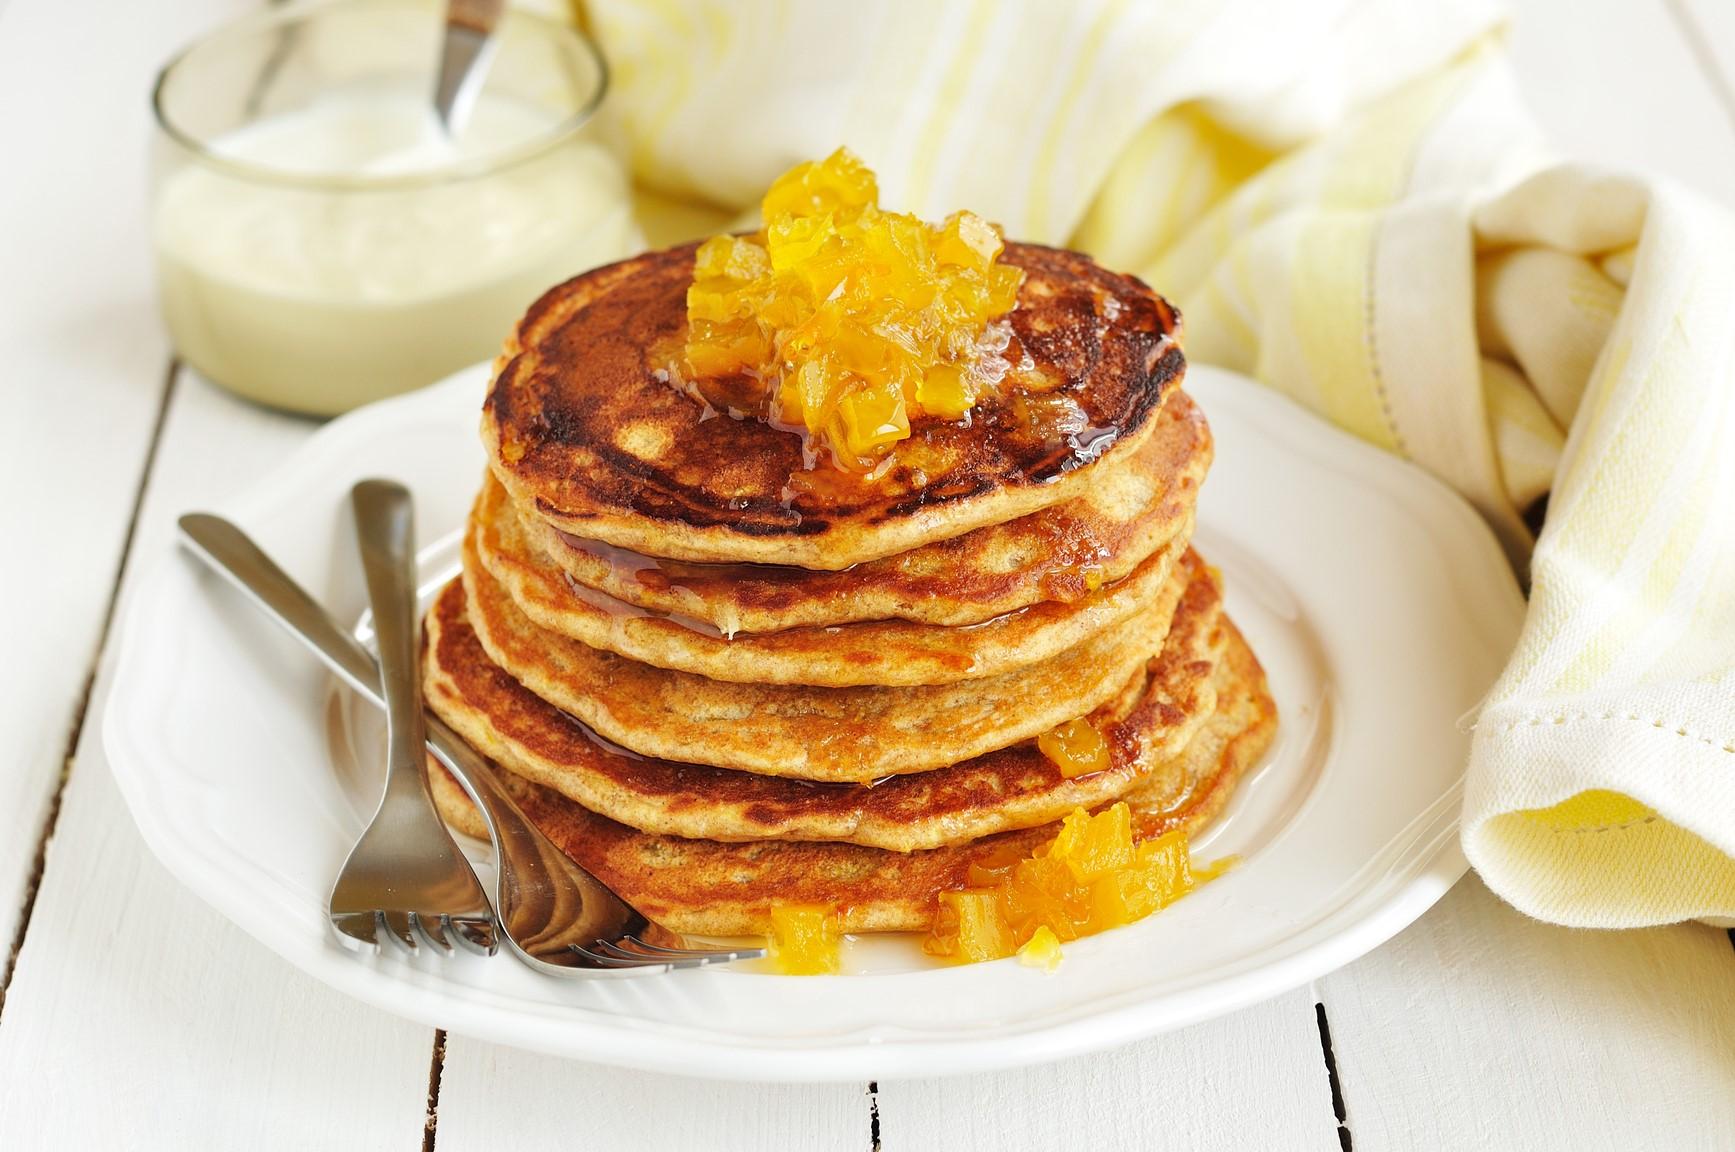 Морковно-яблочные оладьи | Оладушки и панкейки: 10 вкусных идей для осеннего завтрака | Her Beauty